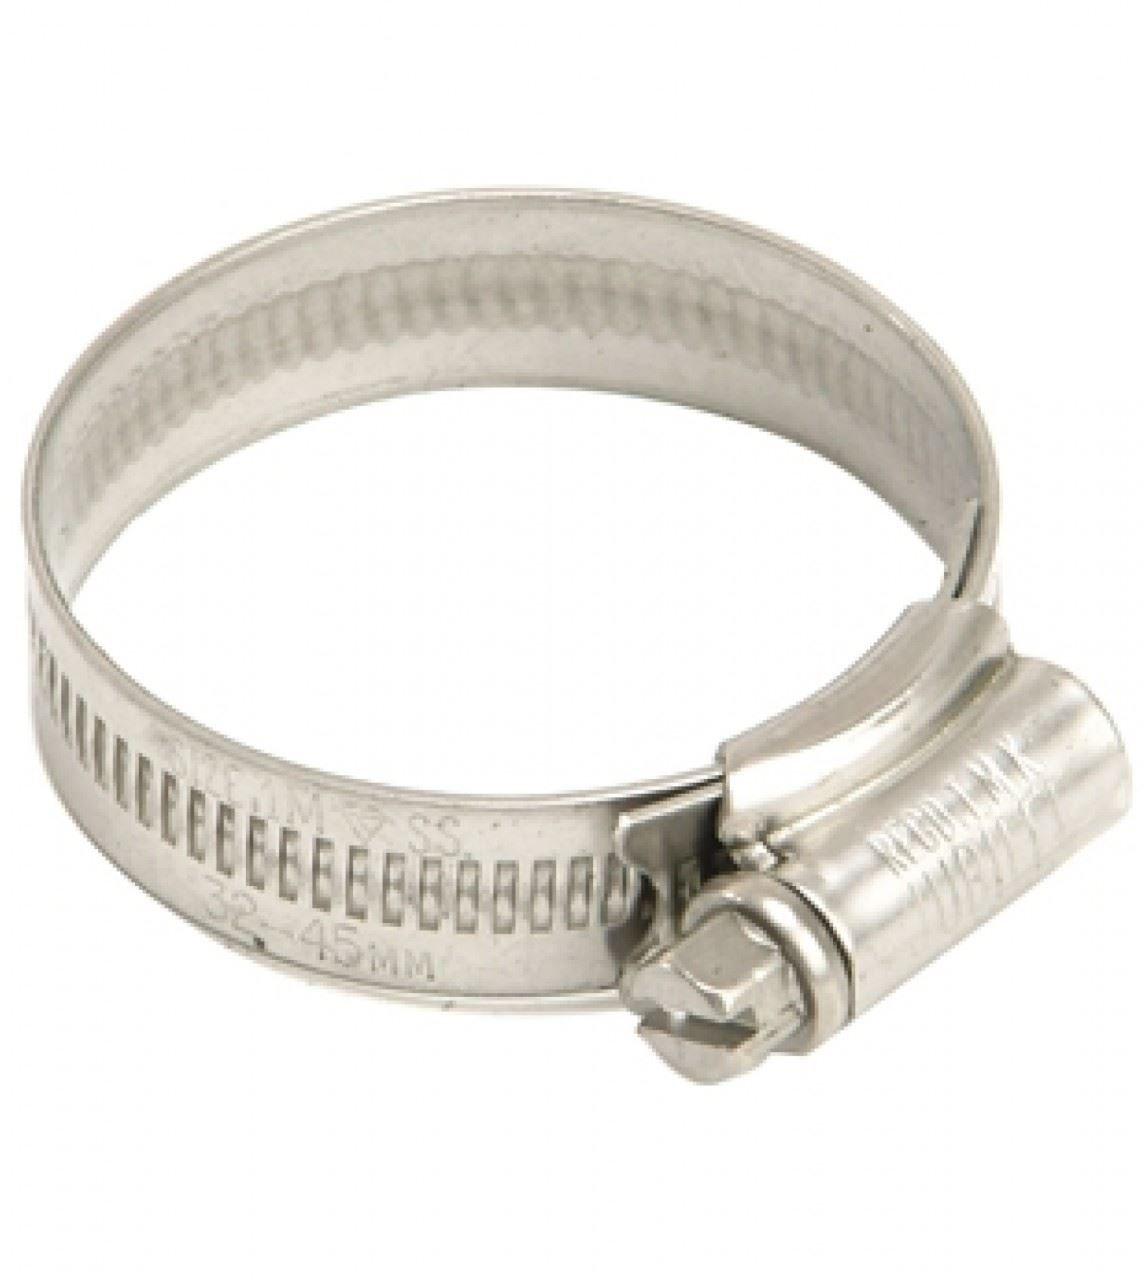 30mm Jubilee Hose Clip 25mm